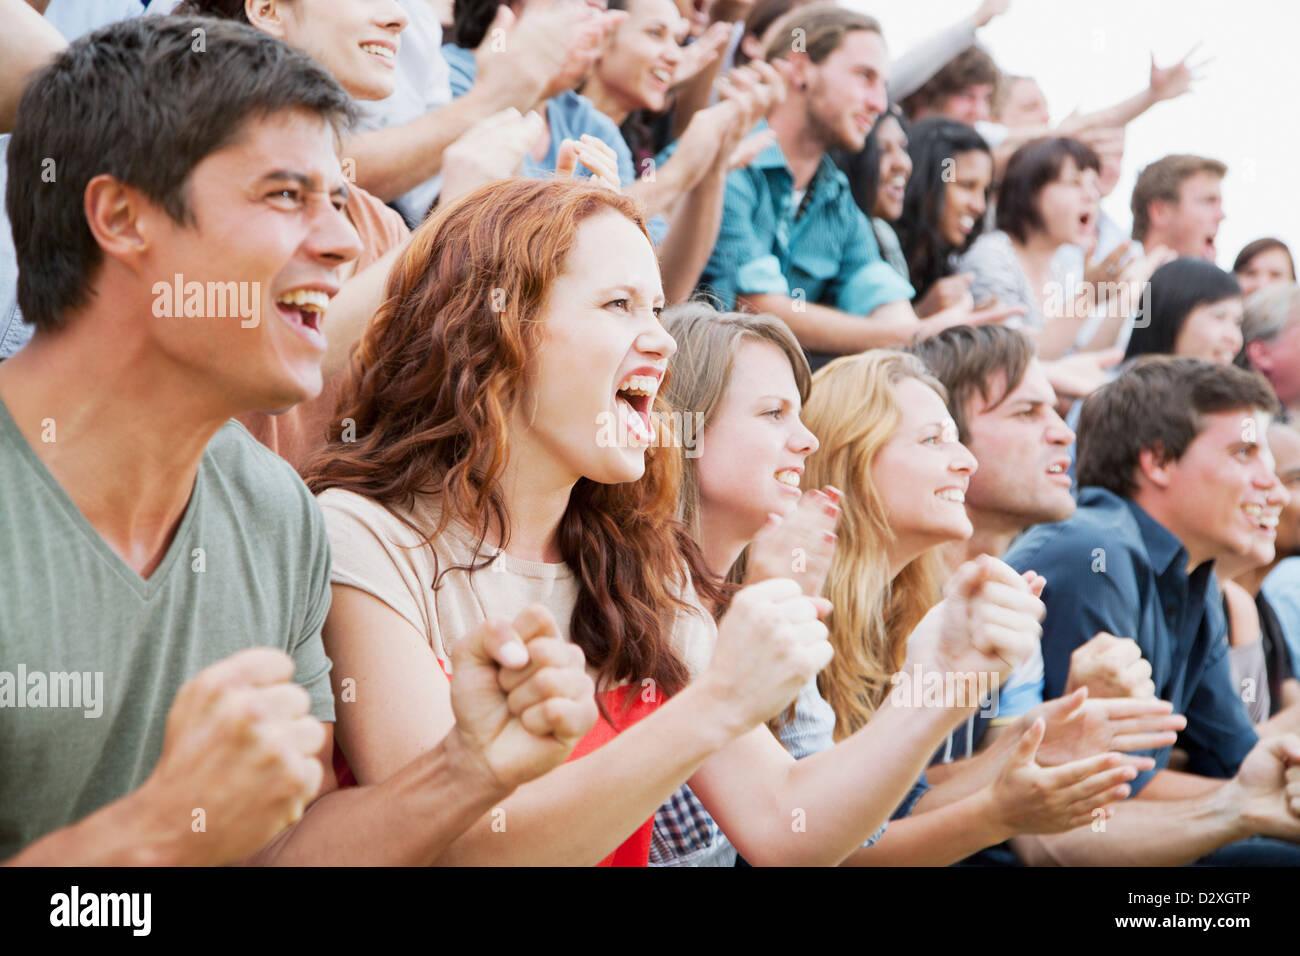 Appassionati in folla Immagini Stock